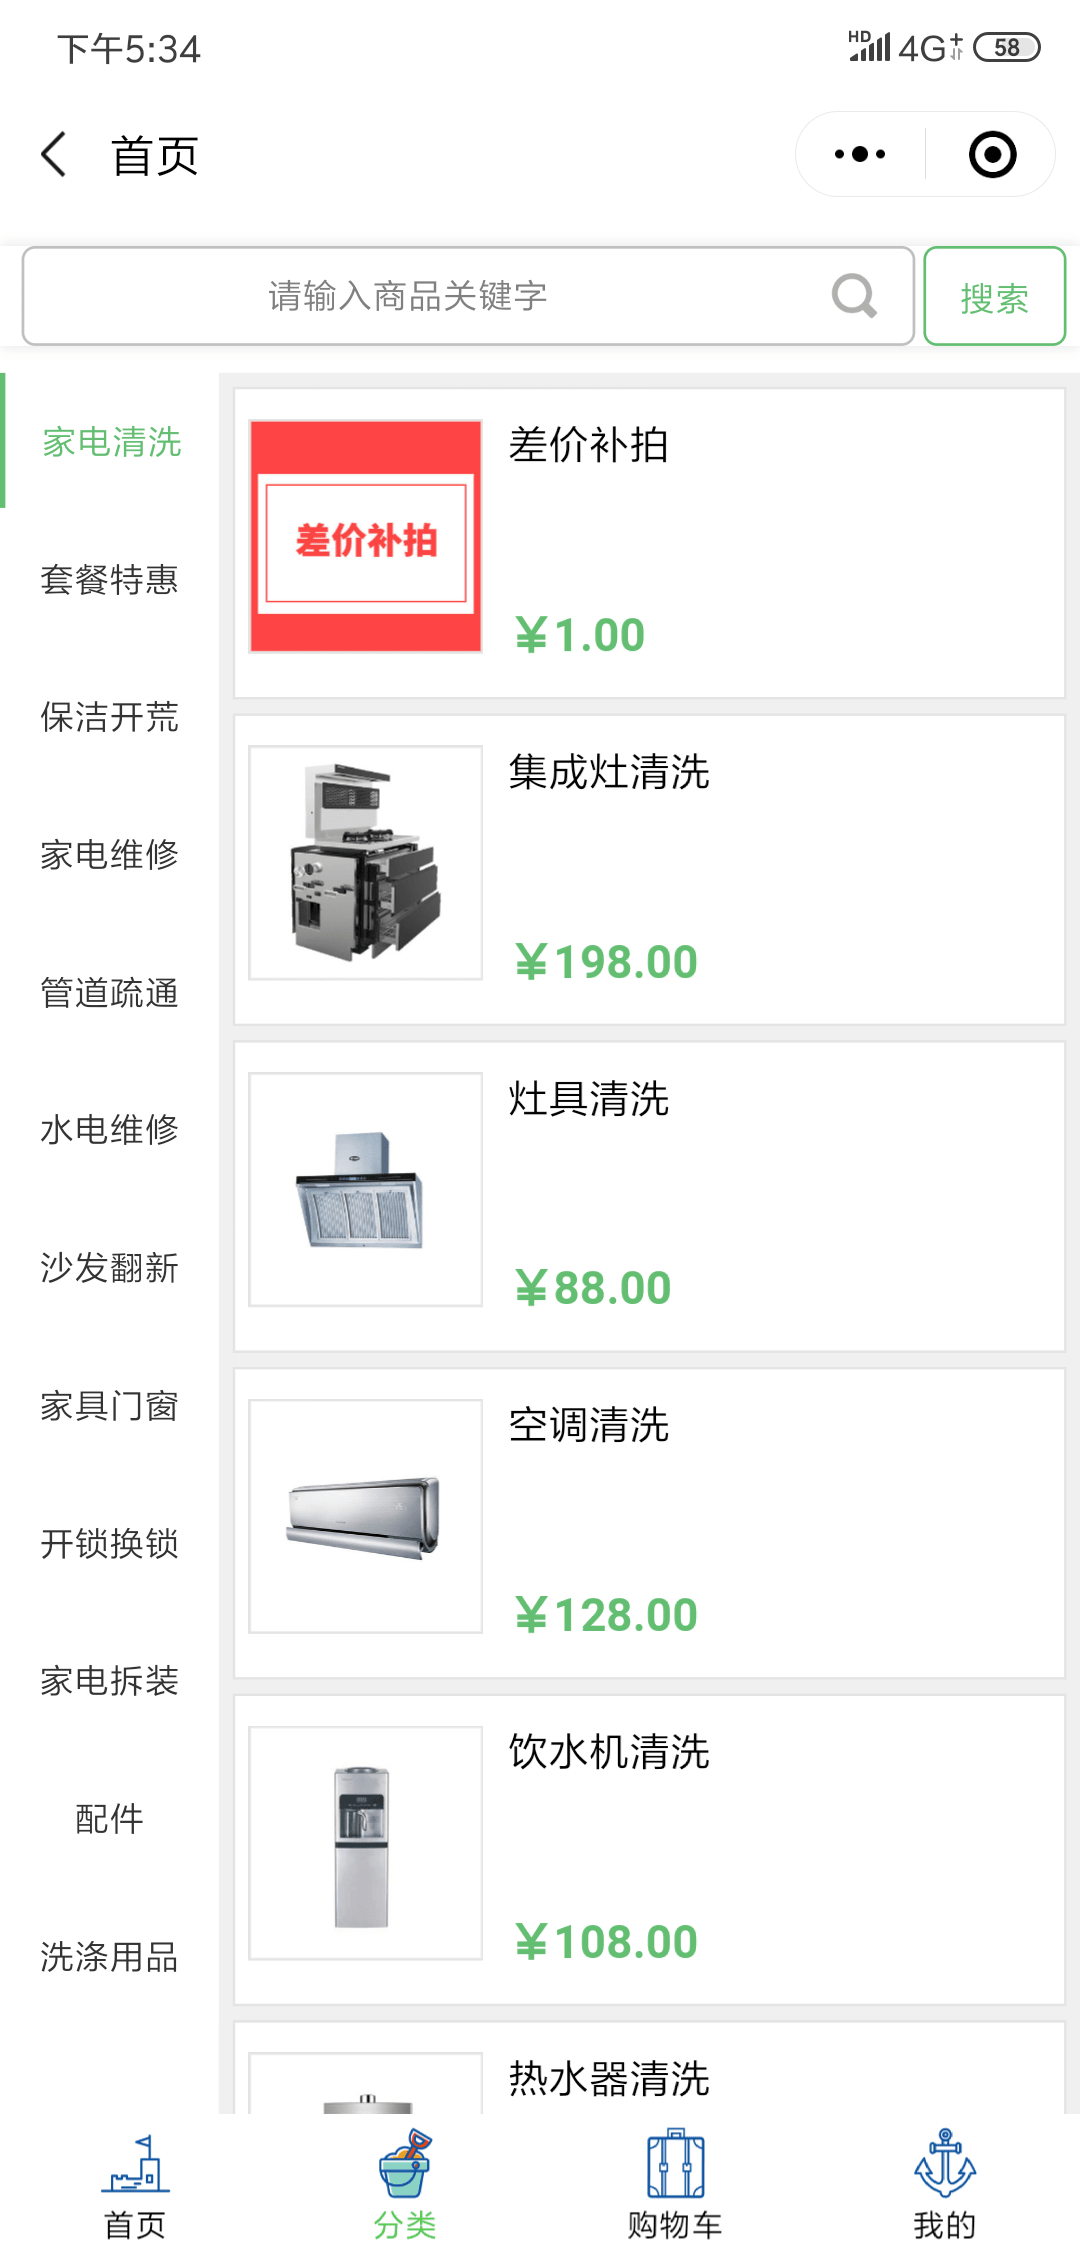 微信廚貝樂小程序效果圖預覽